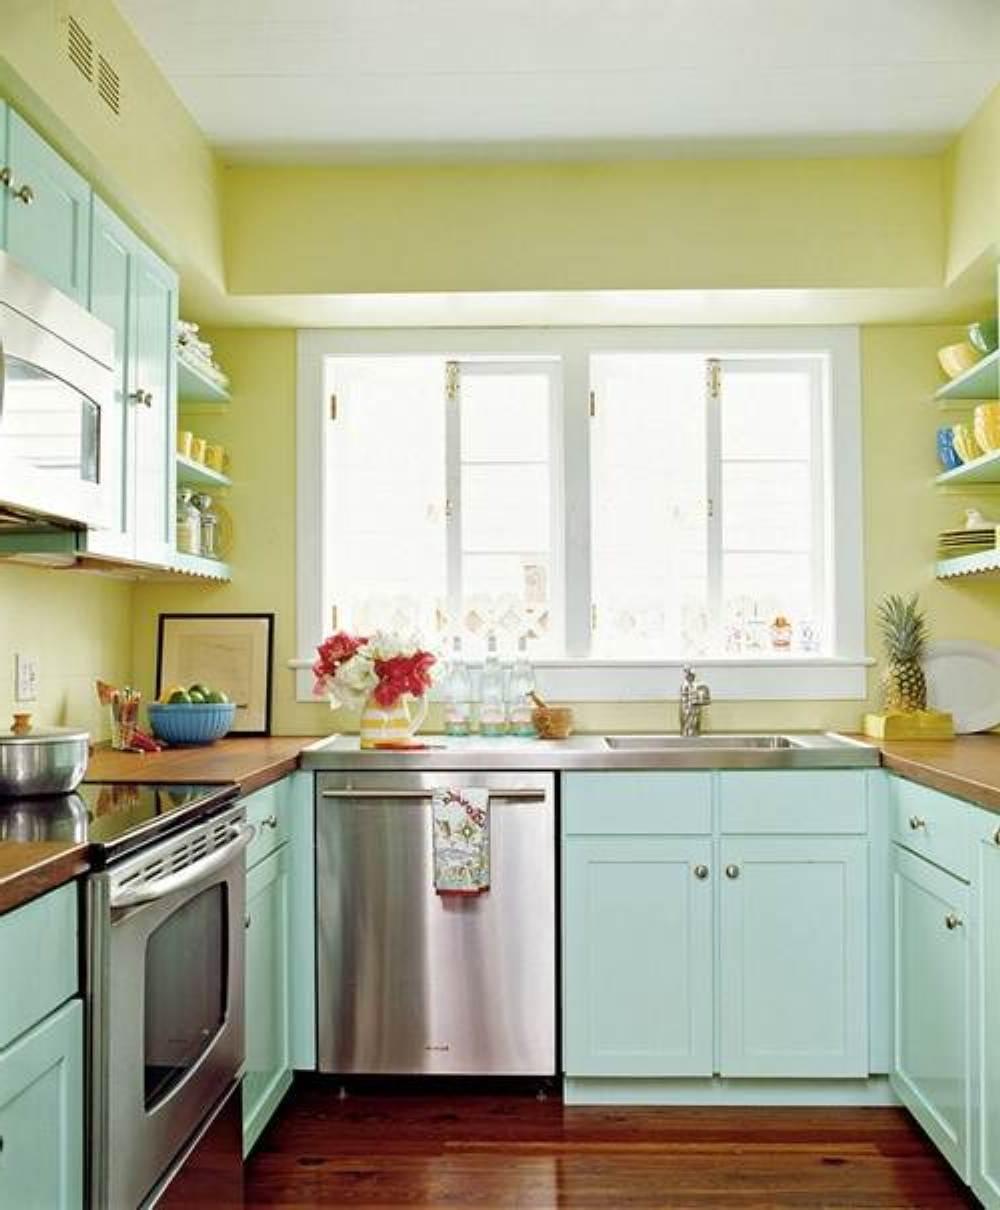 Artistic Kitchen Paint Colors Of Retro